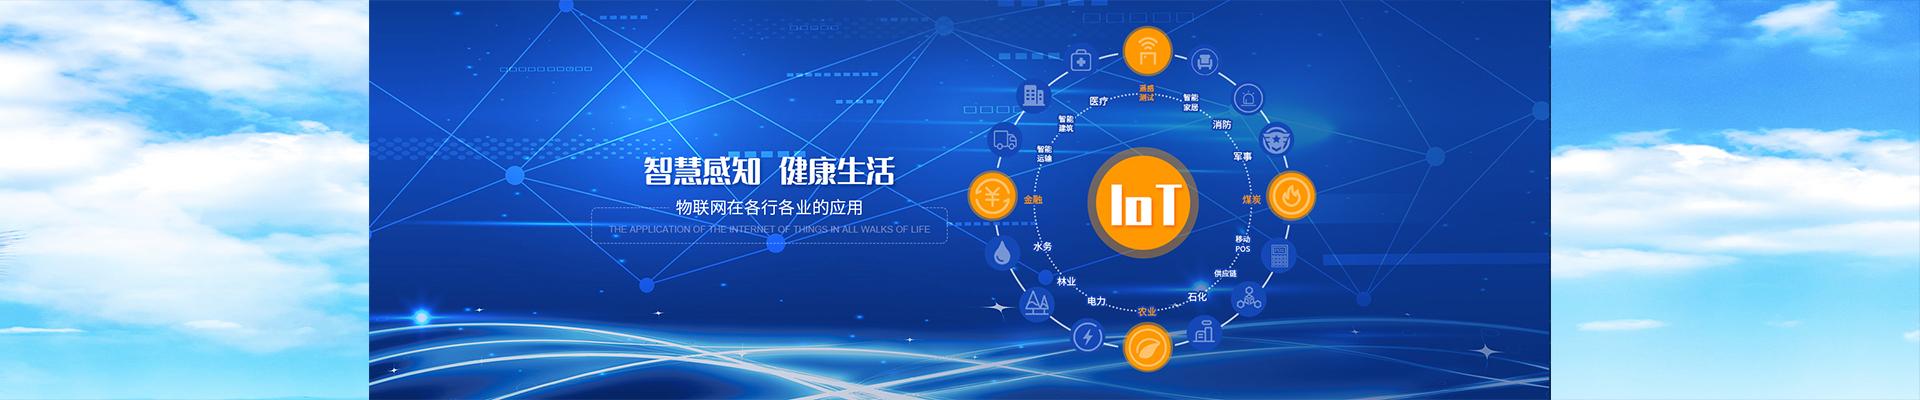 苏州感闻环境科技ballbet贝博app下载ios公司介绍